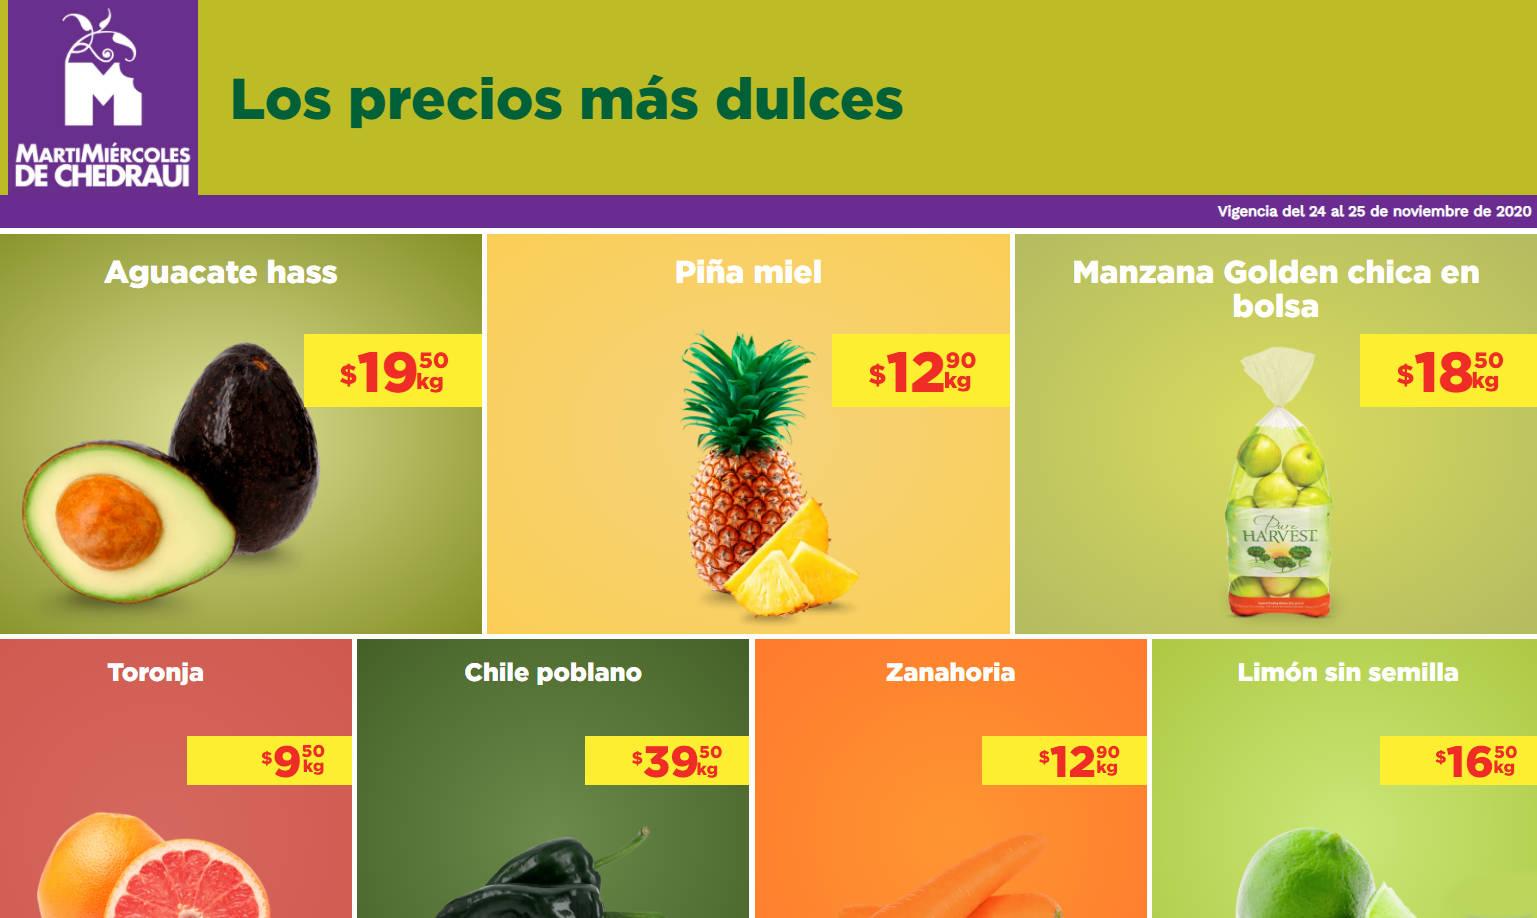 Frutas y Verduras Chedraui 24 y 25 de Noviembre 2020